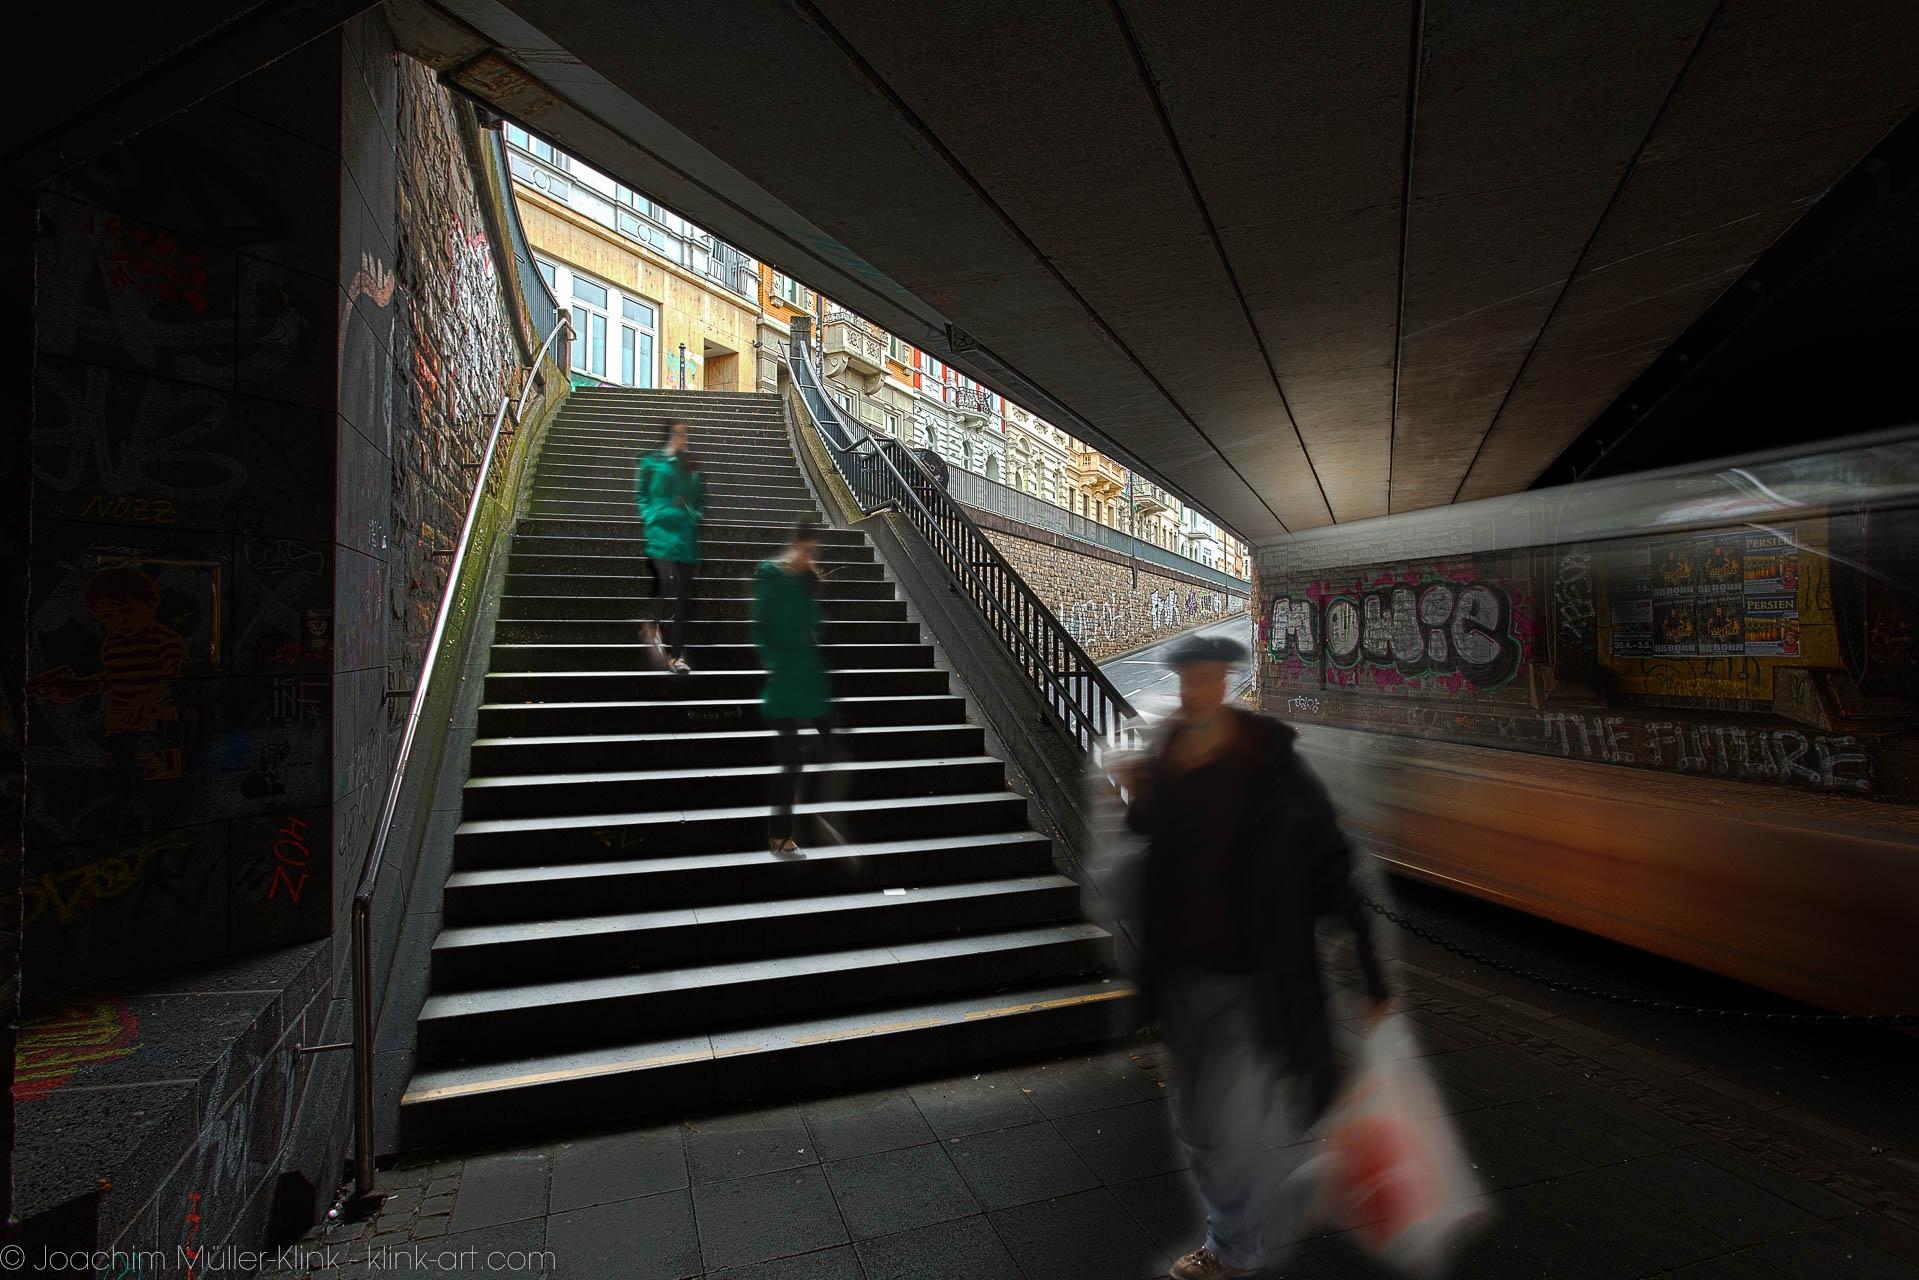 Passanten in einer Straßenunterführung mit Treppe - Passersby on a street underpass with stairs